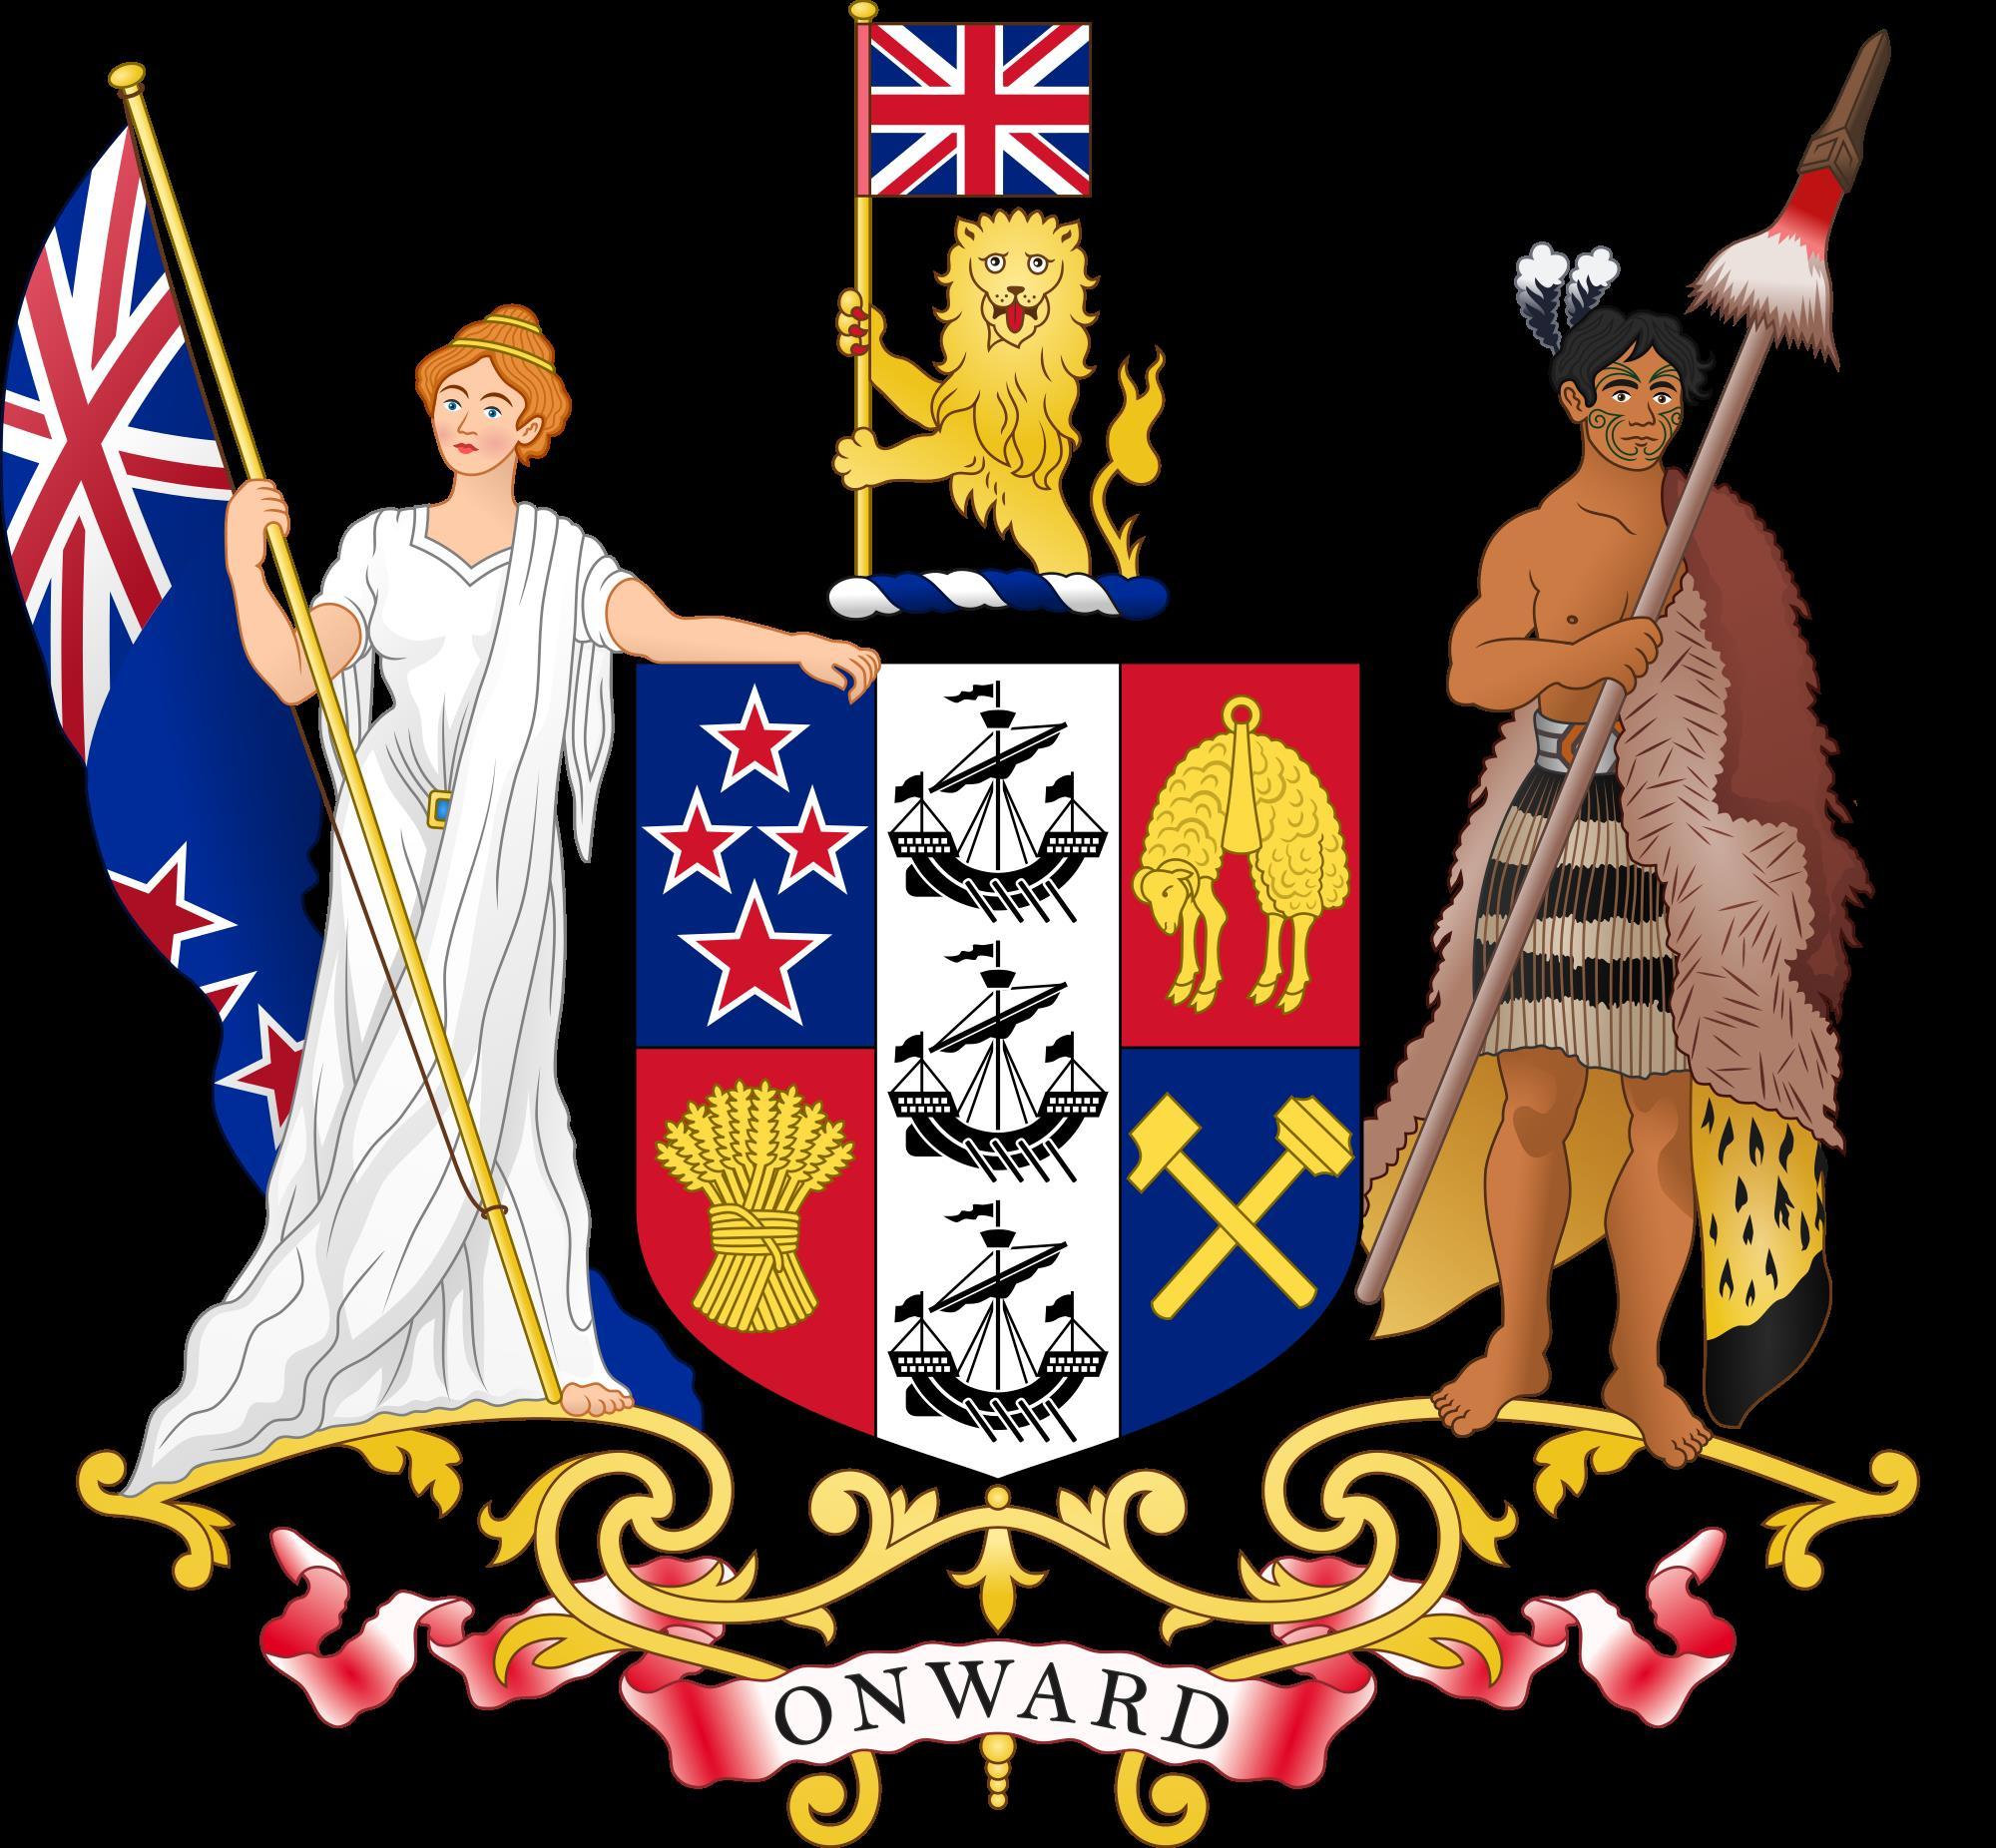 относится виду герб новой зеландии фото изготовления такого ковра